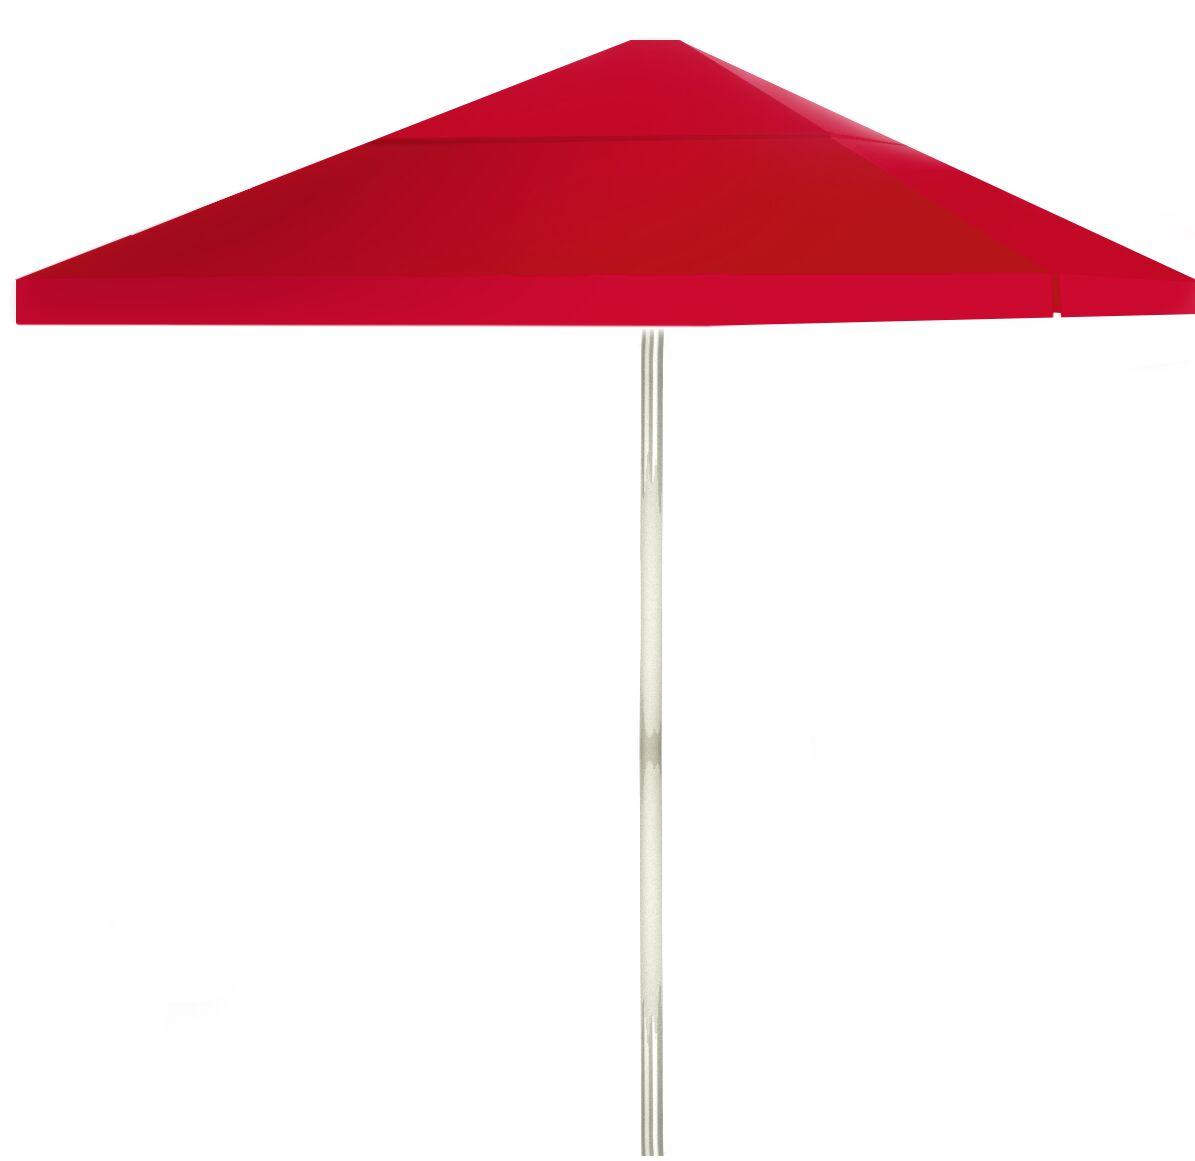 6' Square Market Umbrella Color: Red